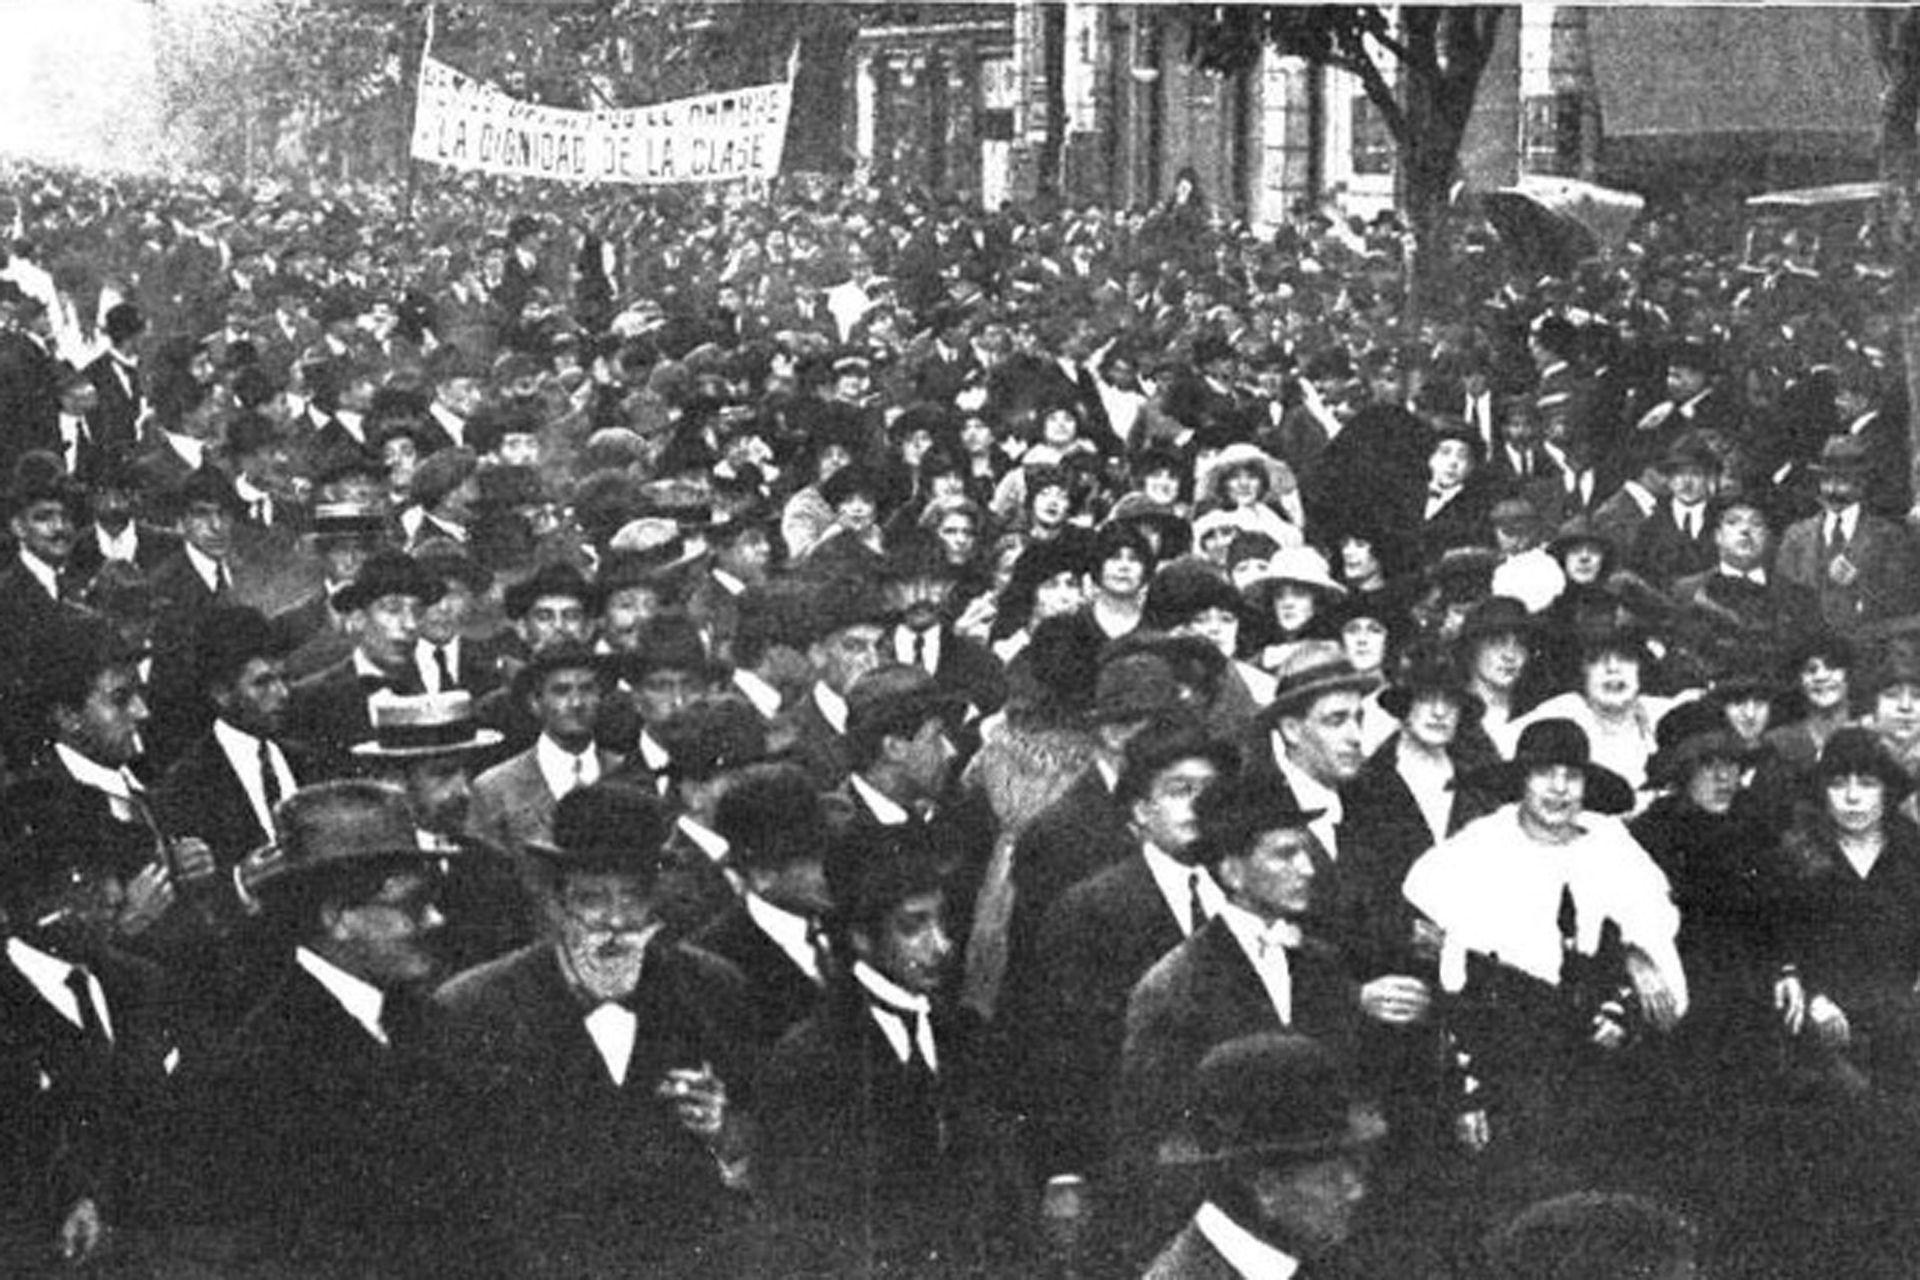 La histórica huelga de artistas, en 1919